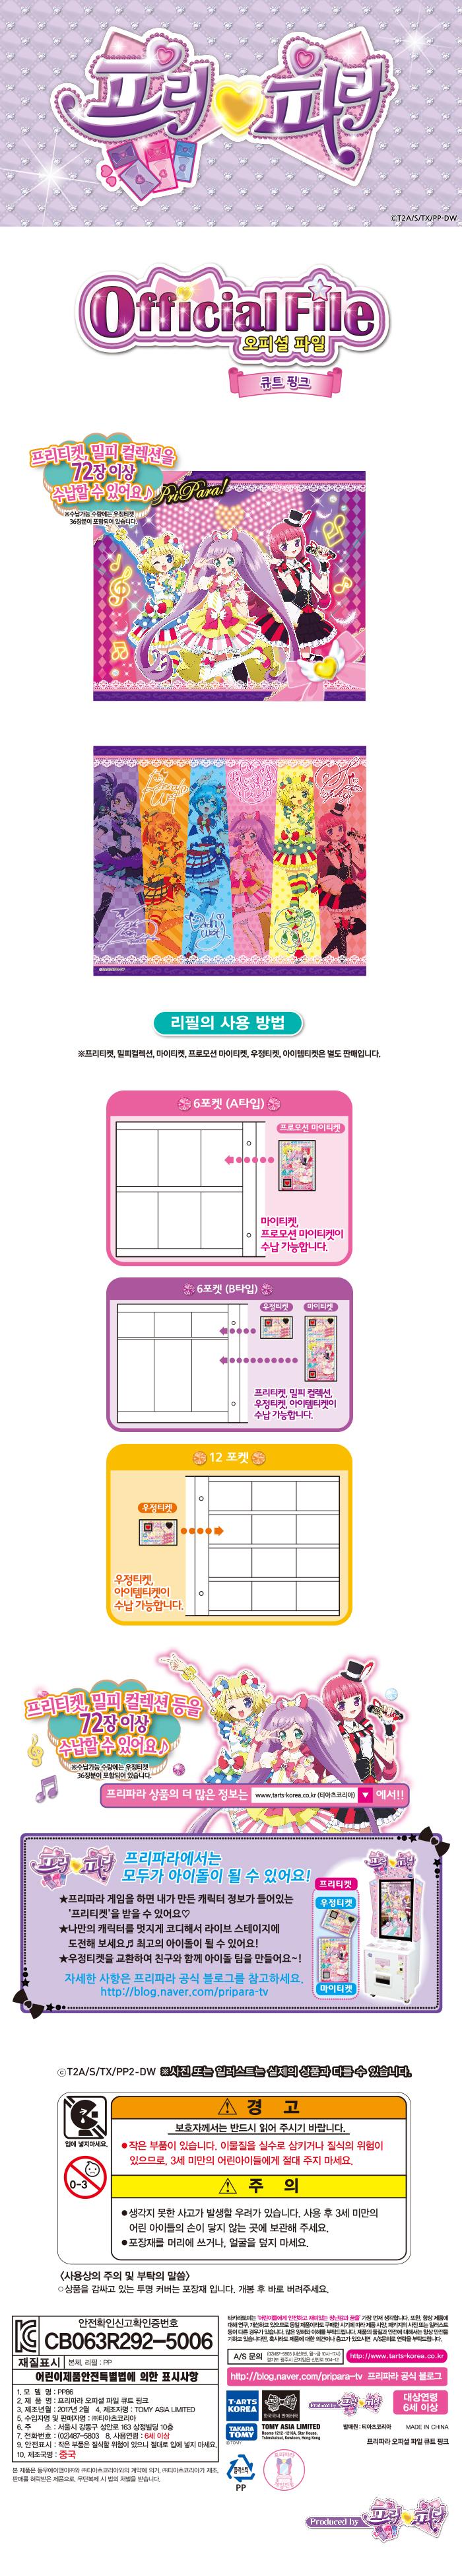 프리파라 오피셜 파일 큐트 핑크.jpg